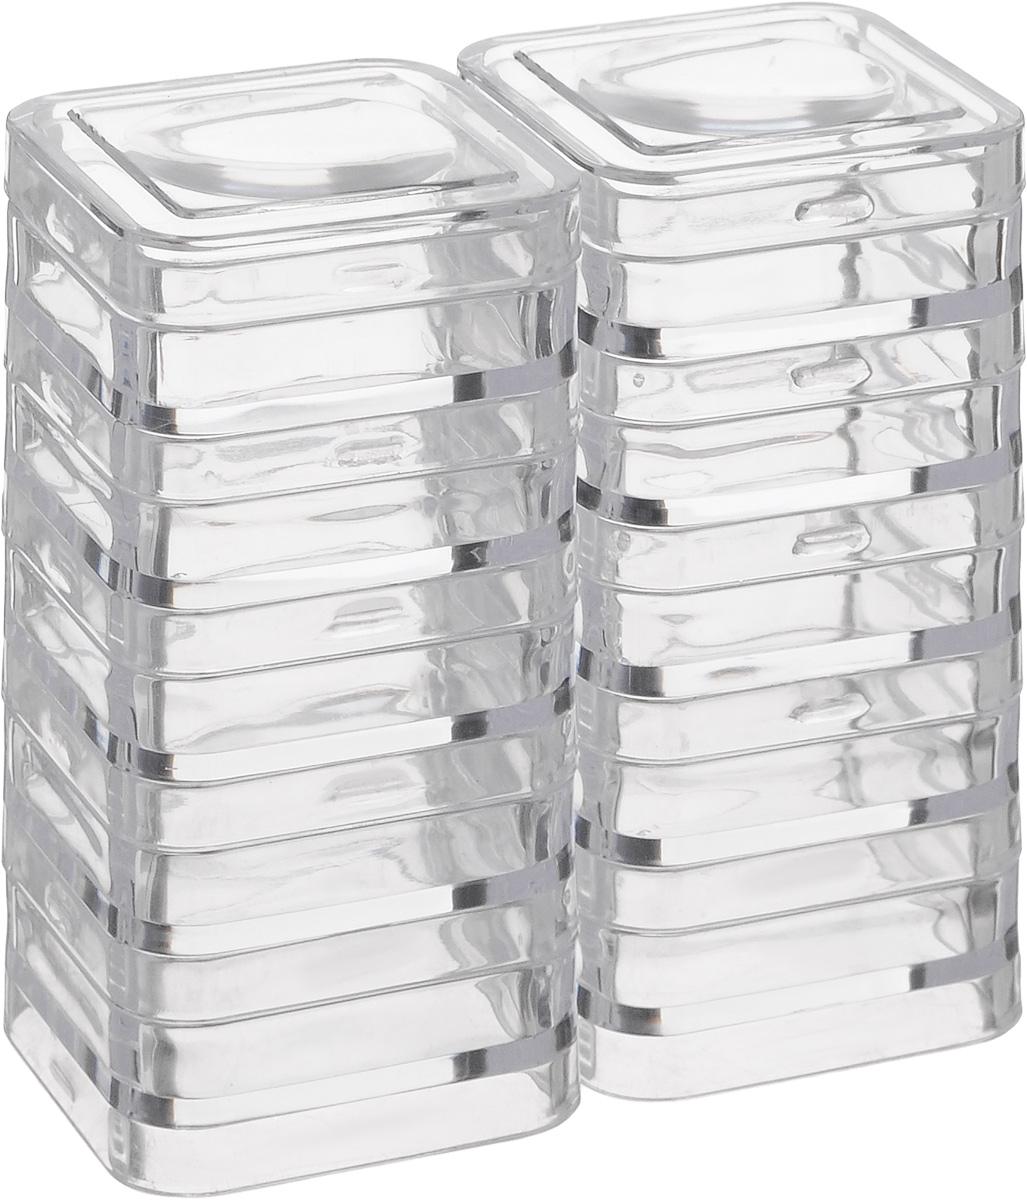 Контейнер для хранения мелочей Hemline, 10 штM3009Контейнеры для хранения мелкой фурнитуры и швейных принадлежностей изготовлены из высококачественного пластика. Изделие состоит из 10 отдельных контейнеров и 2 крышечек с увеличивающим эффектом. Каждый контейнер легко соединяется с другими. Изделие крепкое, легкое и удобное в применении. Размер контейнера: 27 х 10 мм.